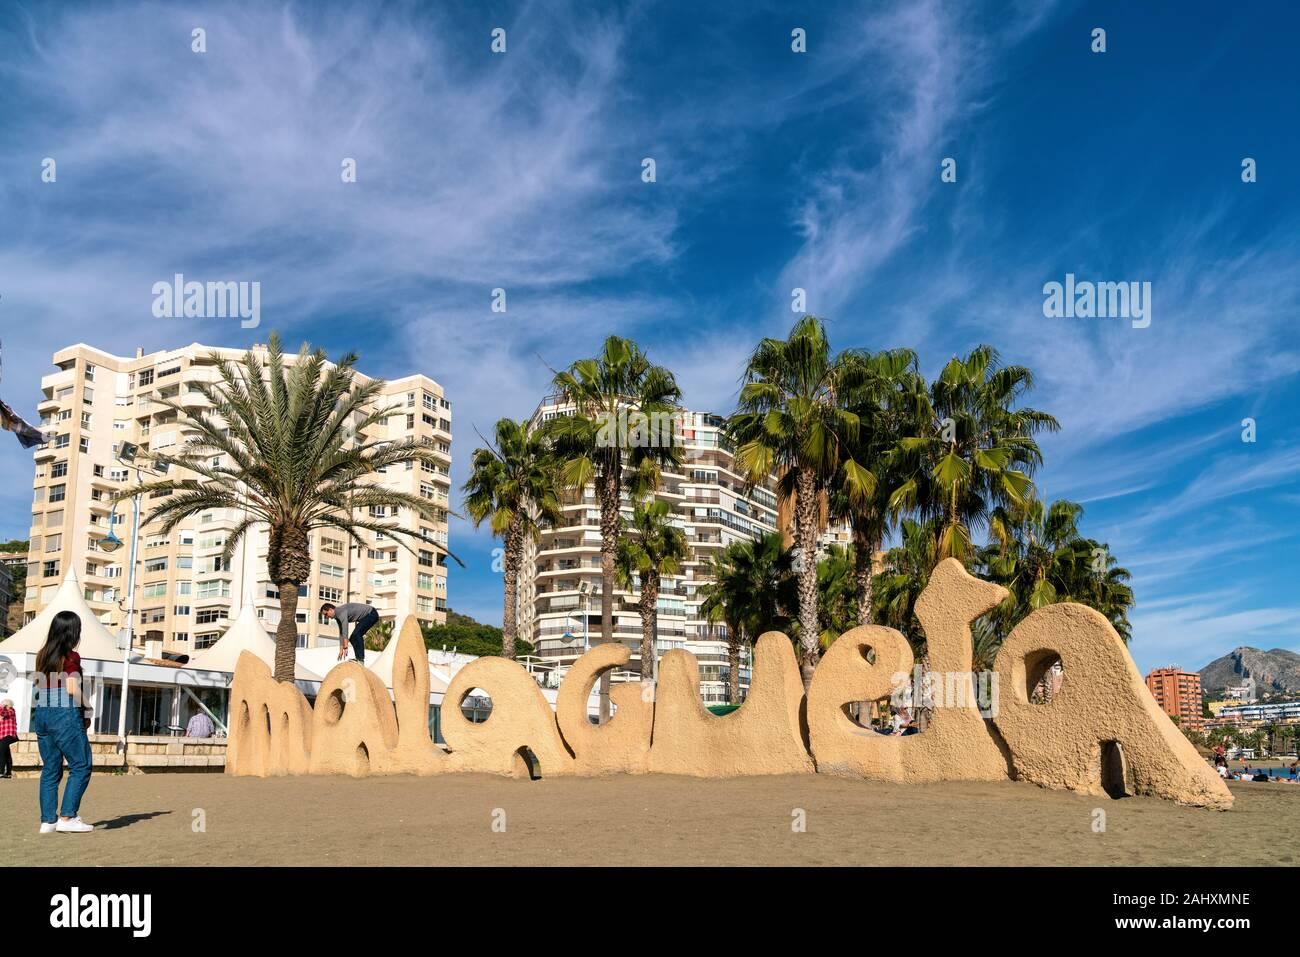 25 Décembre 2019 - Malaga, Espagne. La plage de Malagueta à Malaga situé dans la Costa del Sol, Espagne. Banque D'Images